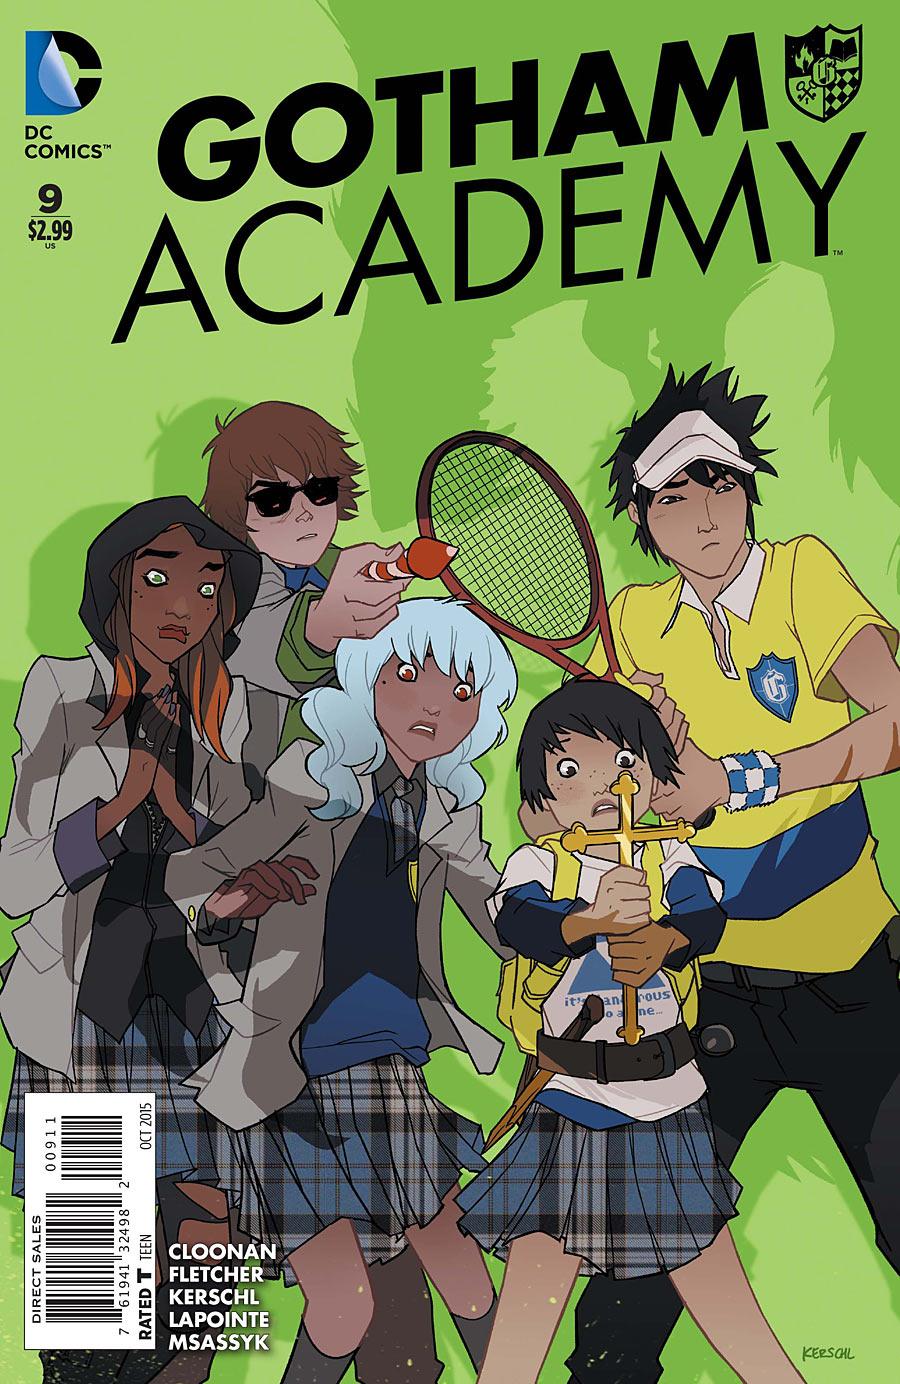 Gotham Academy Vol 1 9